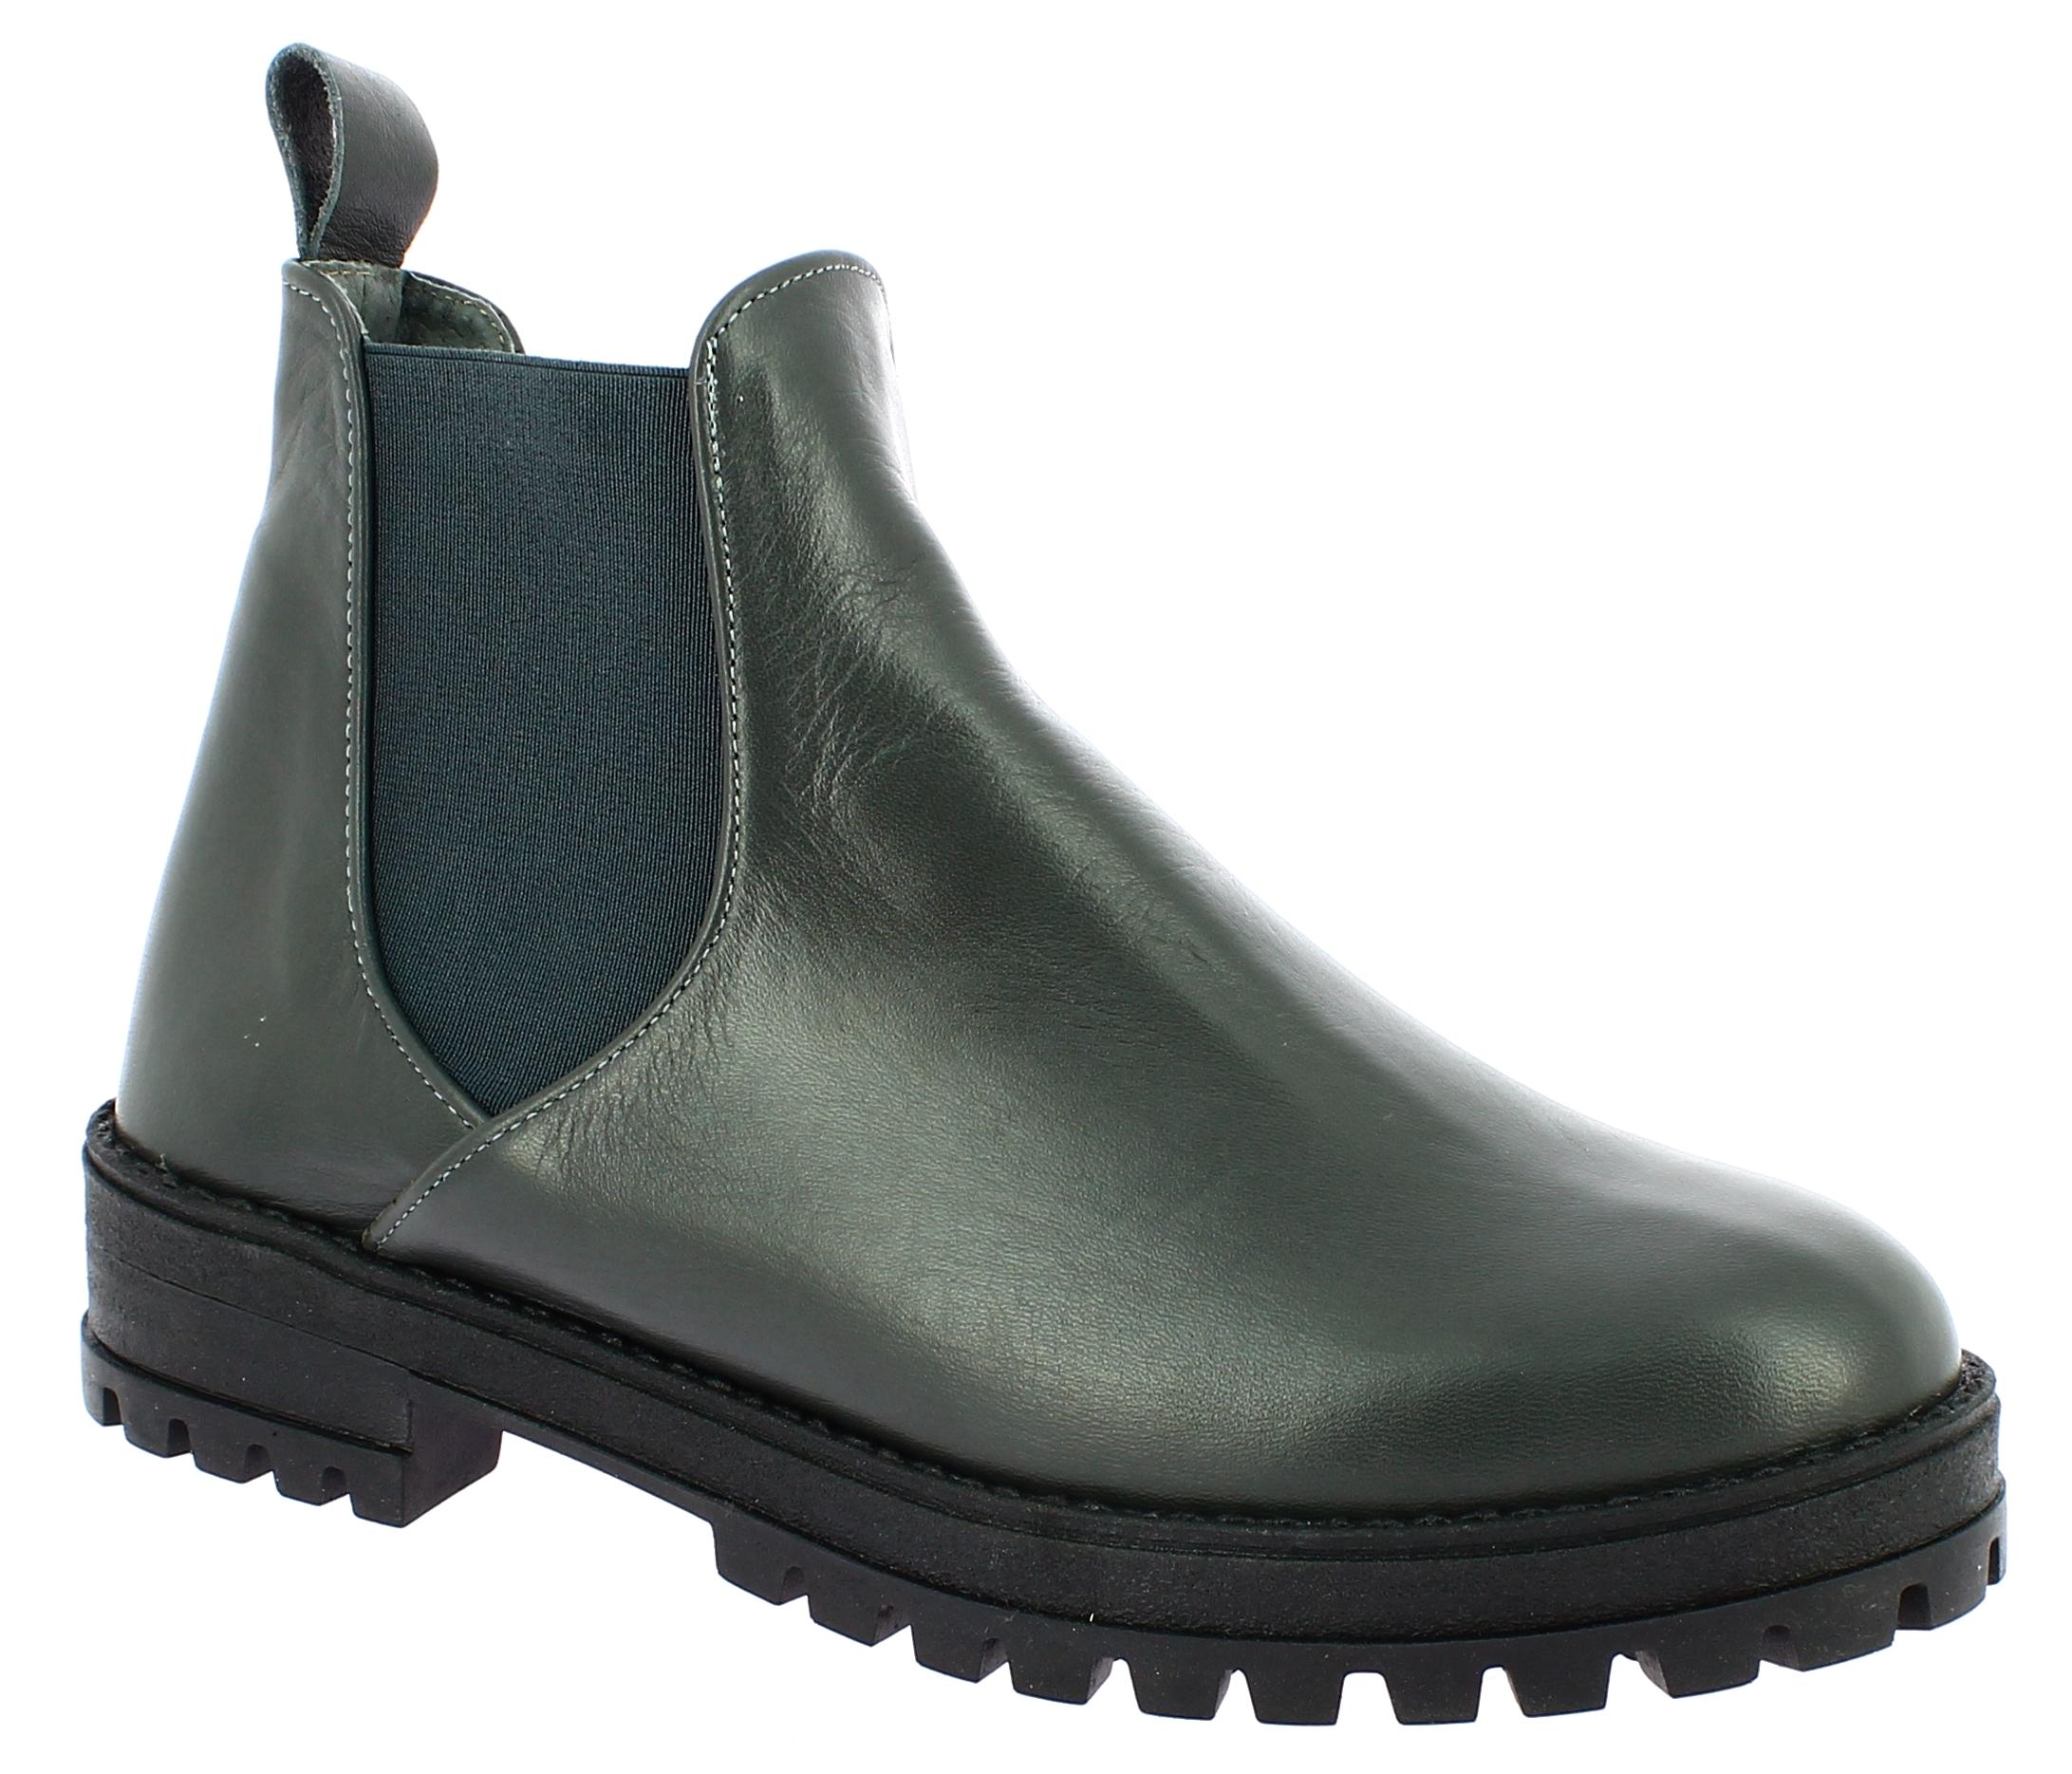 IQSHOES Γυναικείο Μποτάκι 4250 Γκρι - IqShoes - 20.4250 GREY-IQSHOES-grey-39/1/1 παπούτσια  new in